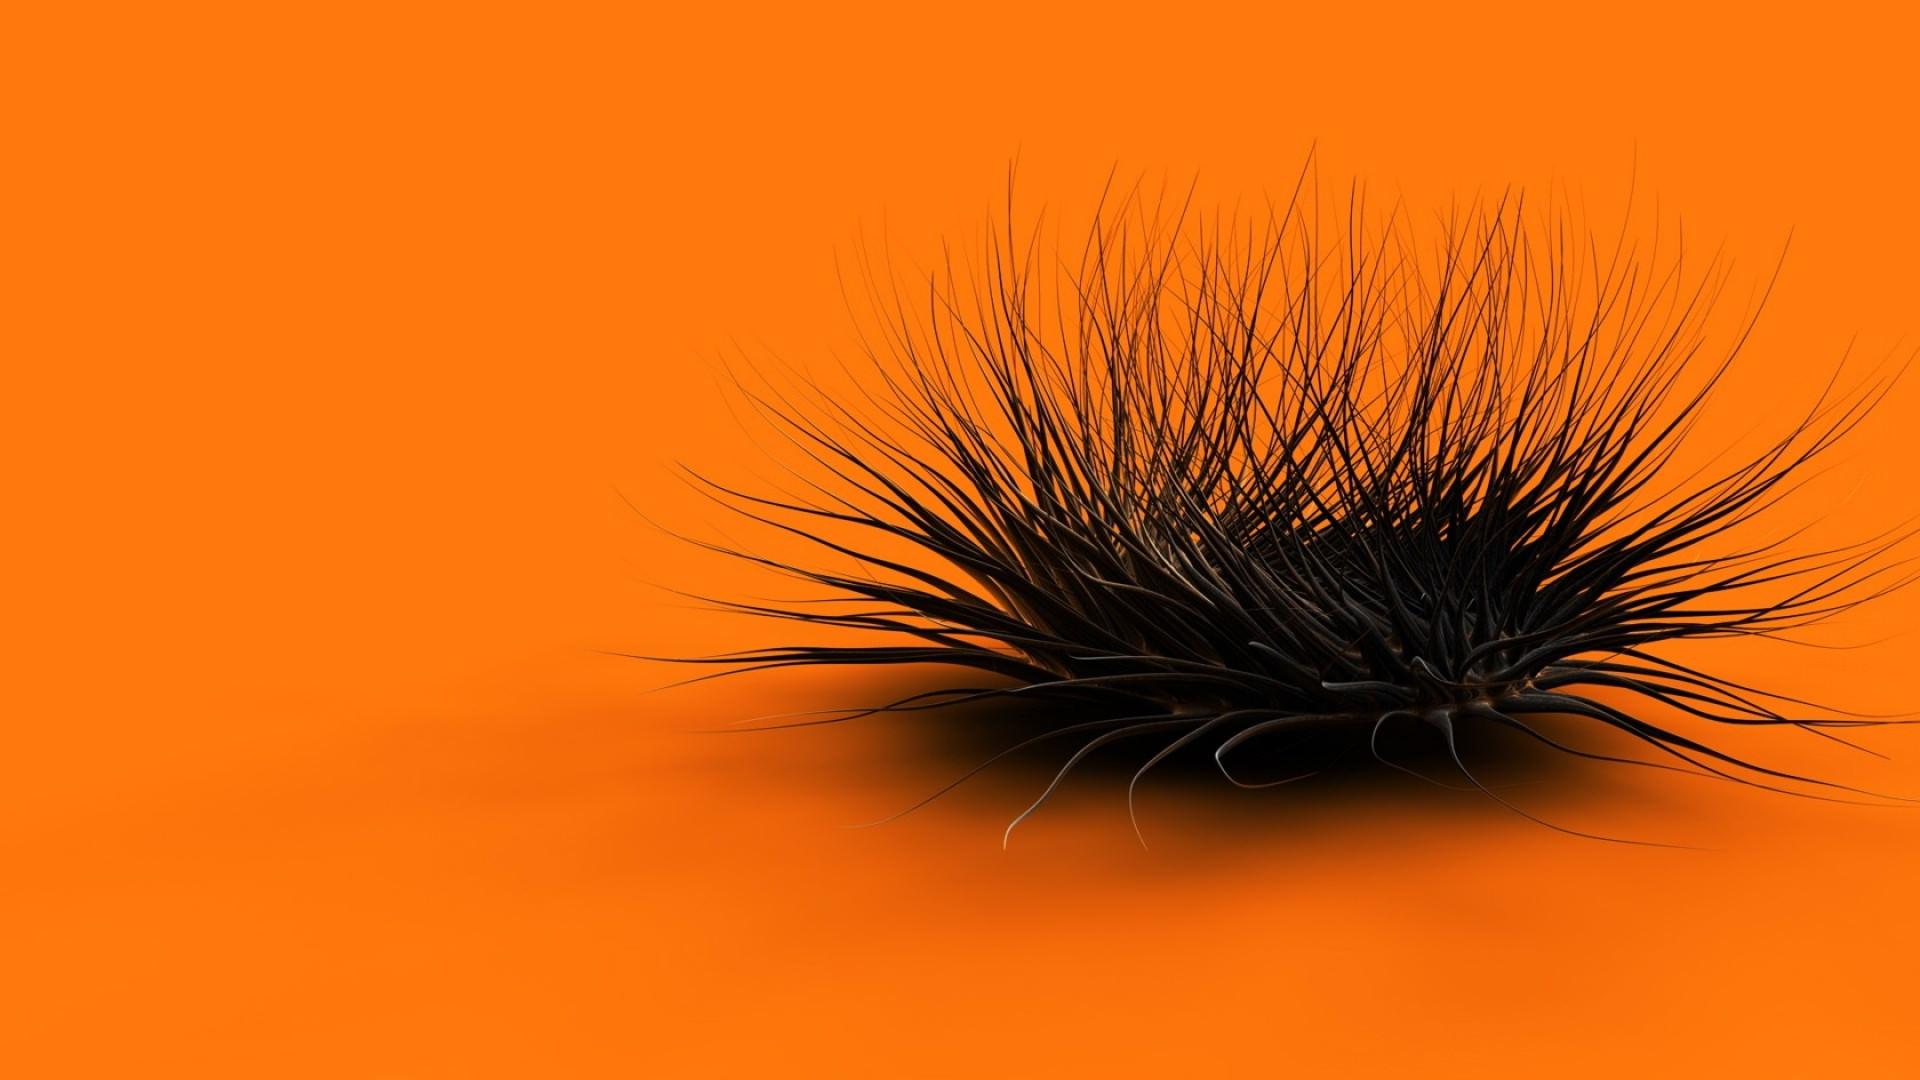 Orange Black Feathers Background